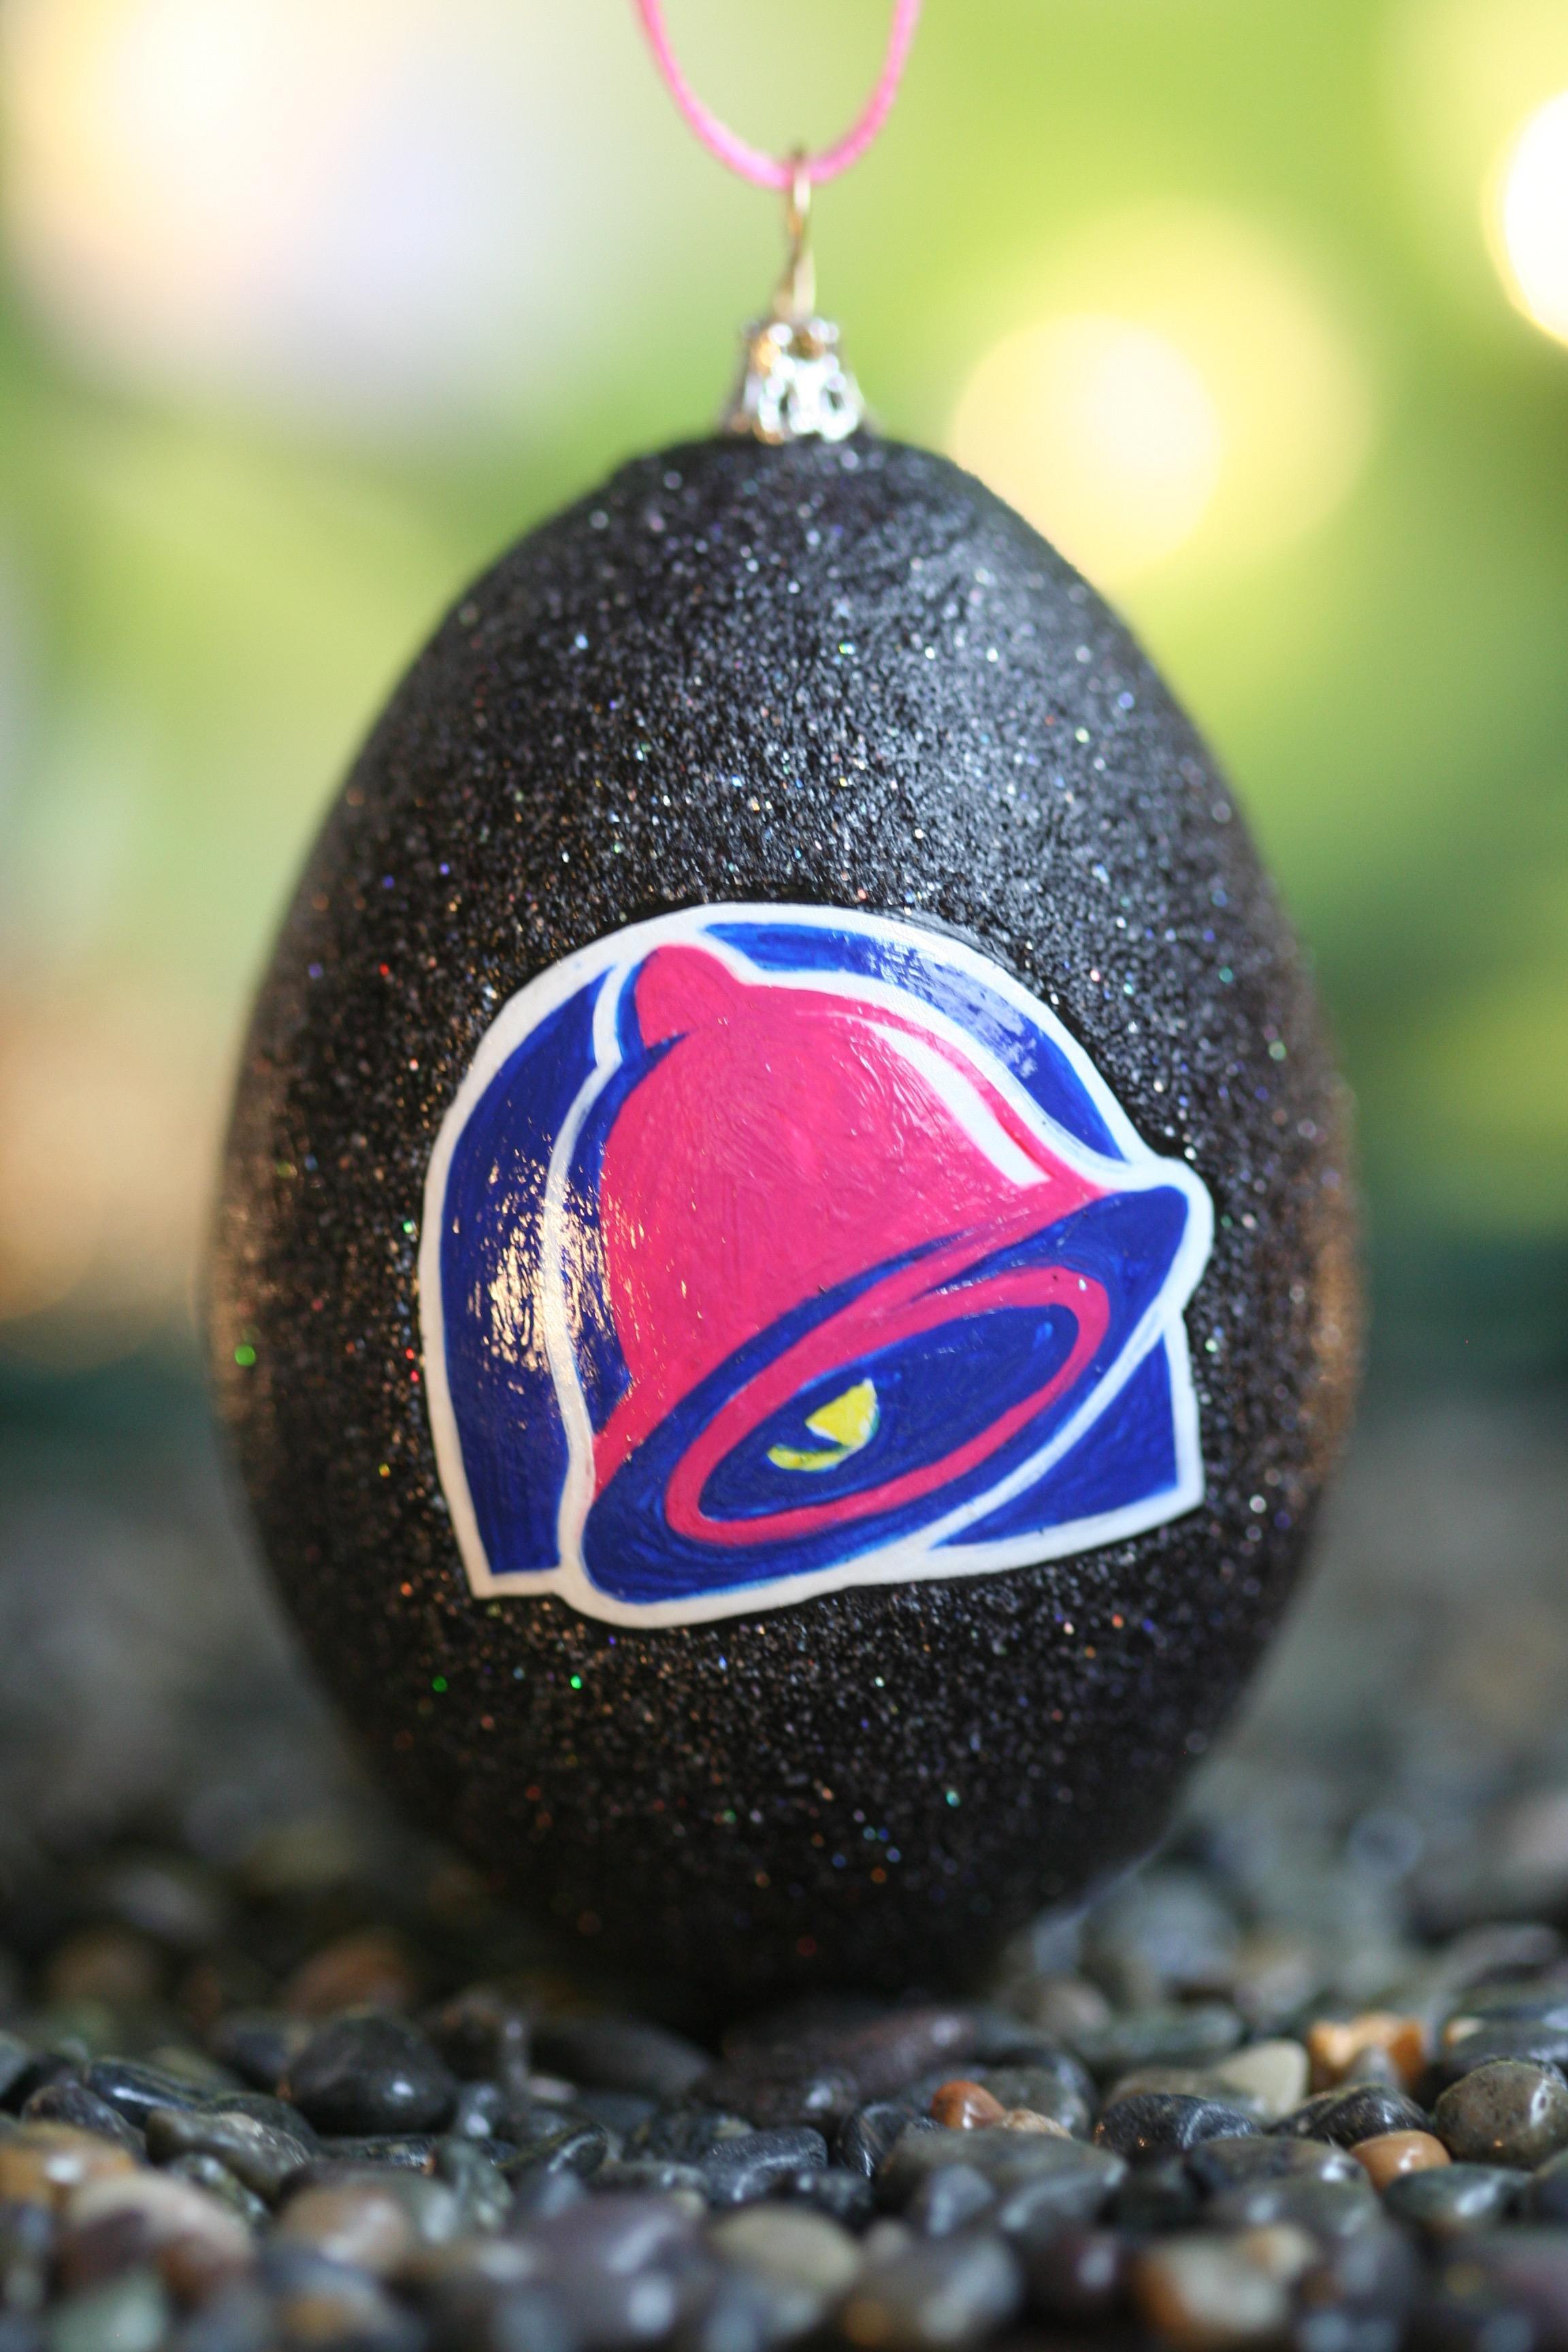 Taco Bell Ornament